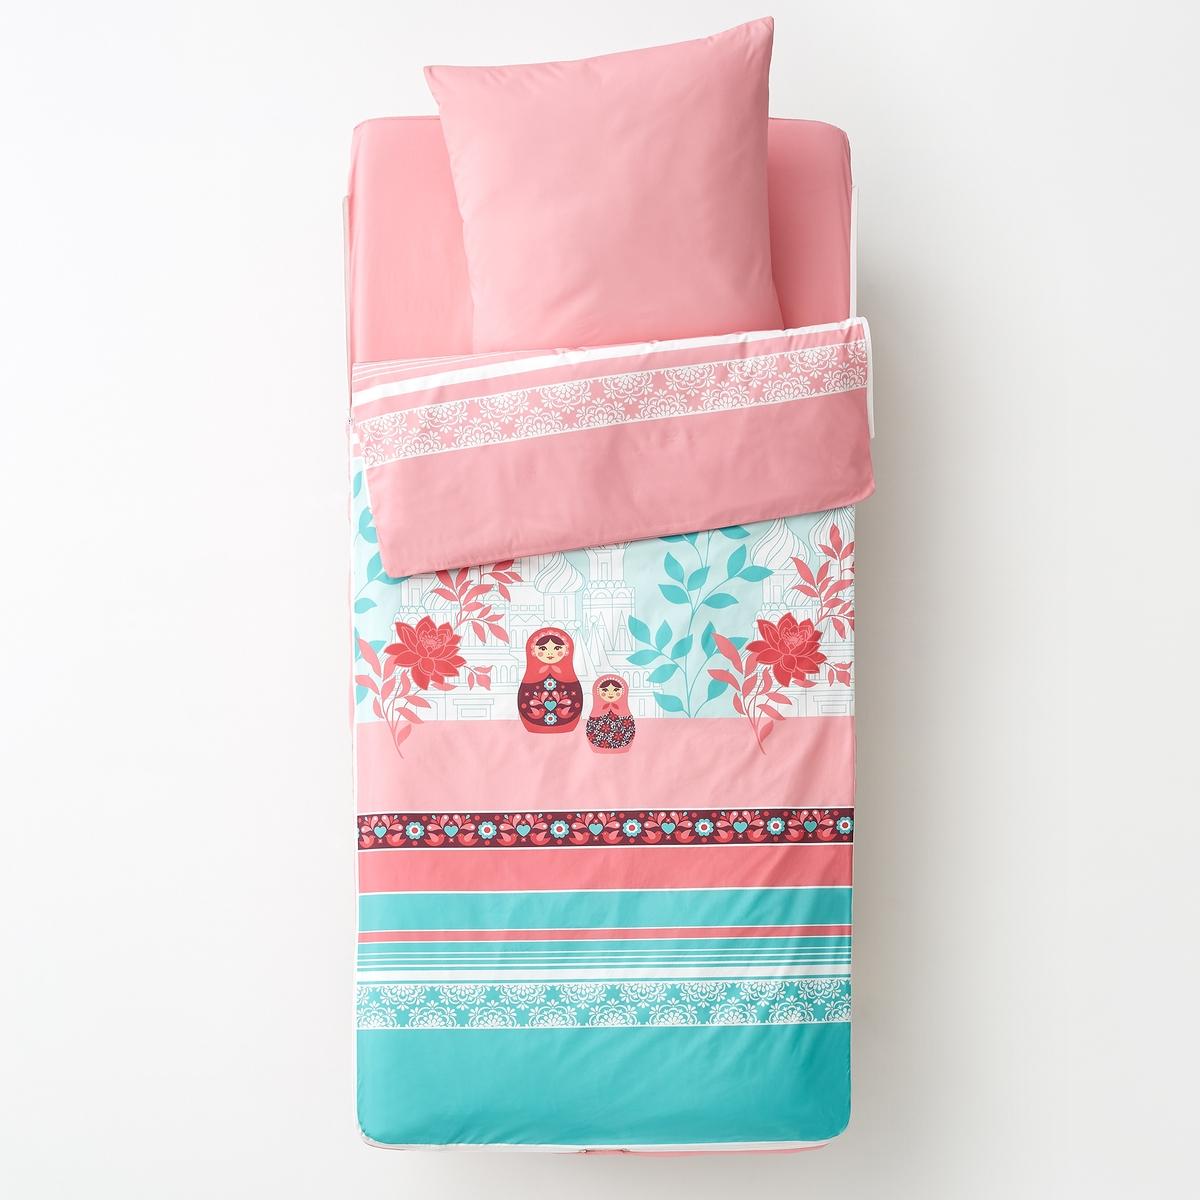 Комплект постельного белья с одеялом, AnastasiaКомплект постельного белья с одеялом Anastasia  . Отличное решение для двухъярусных кроватей, на отдыхе или для организации дополнительного спального места ! Маленькая хитрость ? Пододеяльник и натяжная простыня застегиваются на молнию !Характеристики комплекта Anastasia :В комплекте : Размер 90 x 140 см: 1 пододеяльник 90 x 140 см + 1 натяжная простыня 90 x 140 см + 1 наволочка 63 x 63 см + 1 одеяло 90 x 140 смРазмеры 90 x 190 см : 1 пододеяльник 90 x 190 см + 1 натяжная простыня 90 x 190 см + 1 наволочка 63 x 63 см + 1 одеяло 90 x 140 смСостав комплекта Anastasia :100% хлопок с плотным переплетением нитей 57 нитей/см?  : чем больше нитей/см?, тем выше качество материала.Внешняя часть комплекта стирать при 60°.. Машинная стирка одеяла при 40 °С.Комплект совместим с надувными матрасами Intex.Найдите все комплекты постельнго белья caradous на сайте laredoute.ruРазмеры :90 x 140 см : раскладная кровать90 x 190 см : 1-сп.<br><br>Цвет: наб. рисунок/ розовый